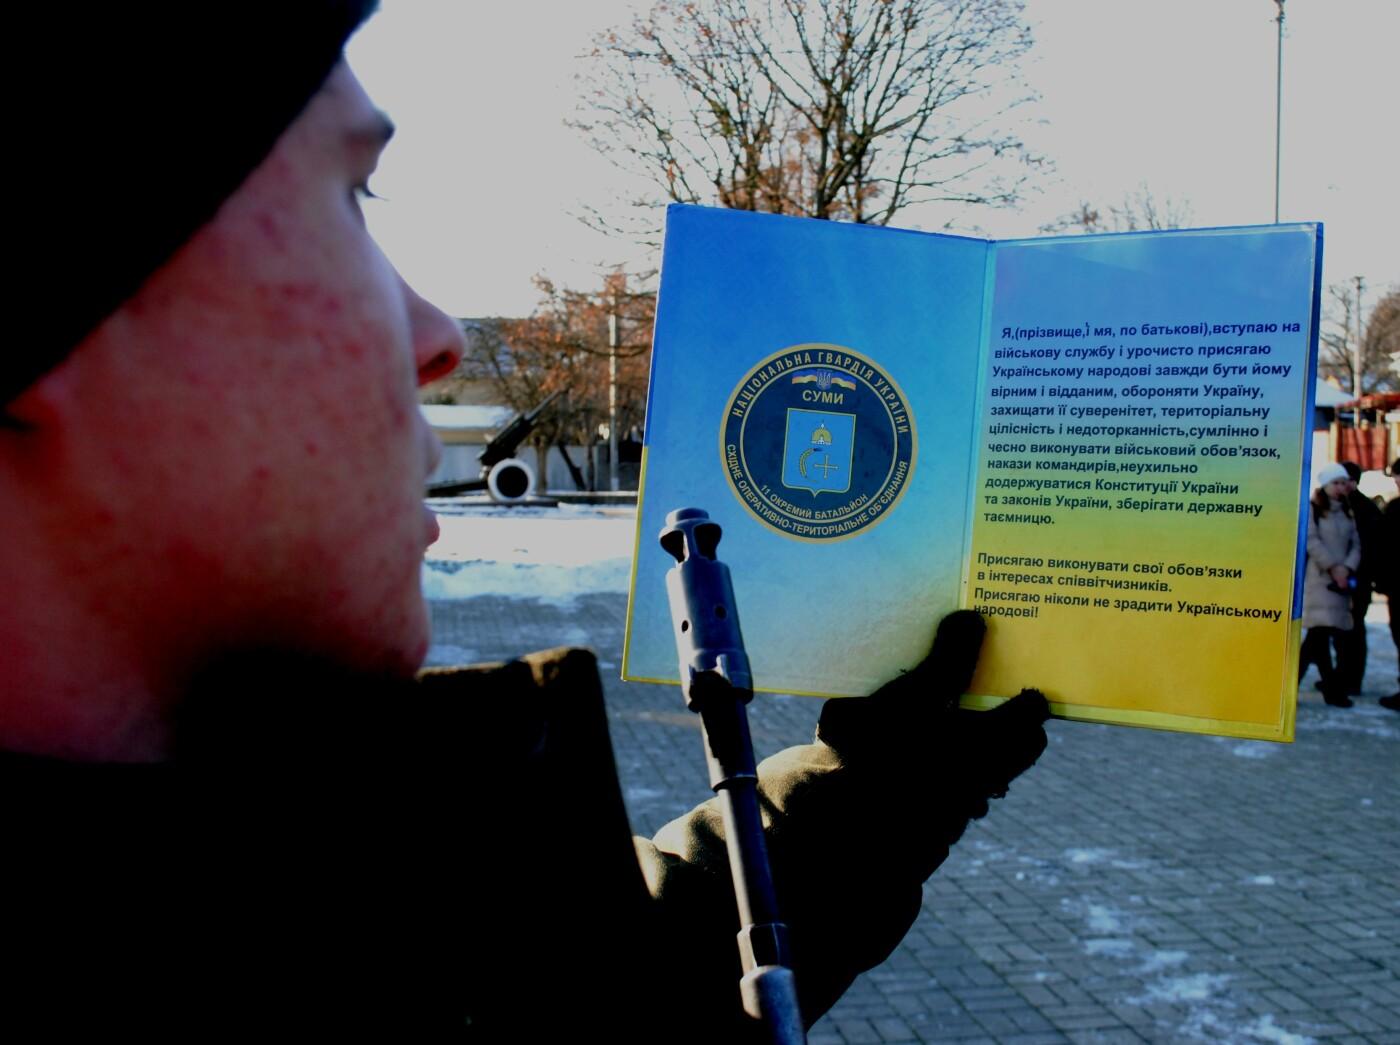 У Сумах 34 військовослужбовці присягнули на вірність українському народові, фото-3